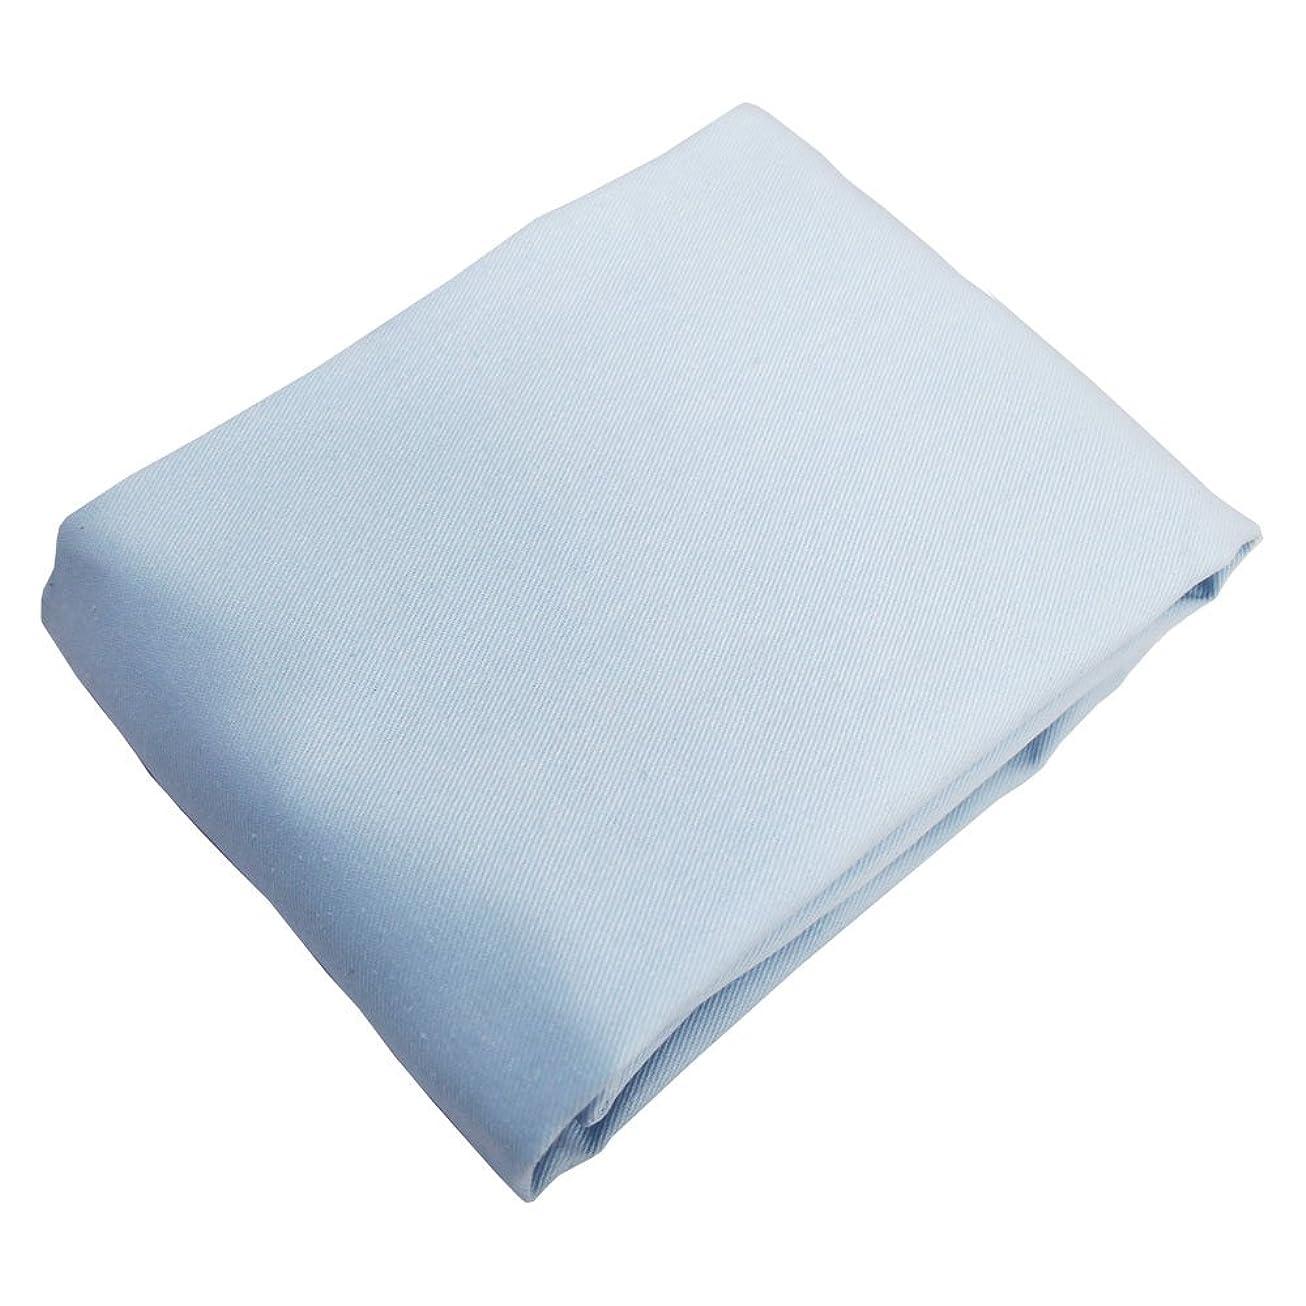 マーティンルーサーキングジュニア刃ソーシャル三幸 枕カバー ブルー シングル 綿100% カラー F291351-0003